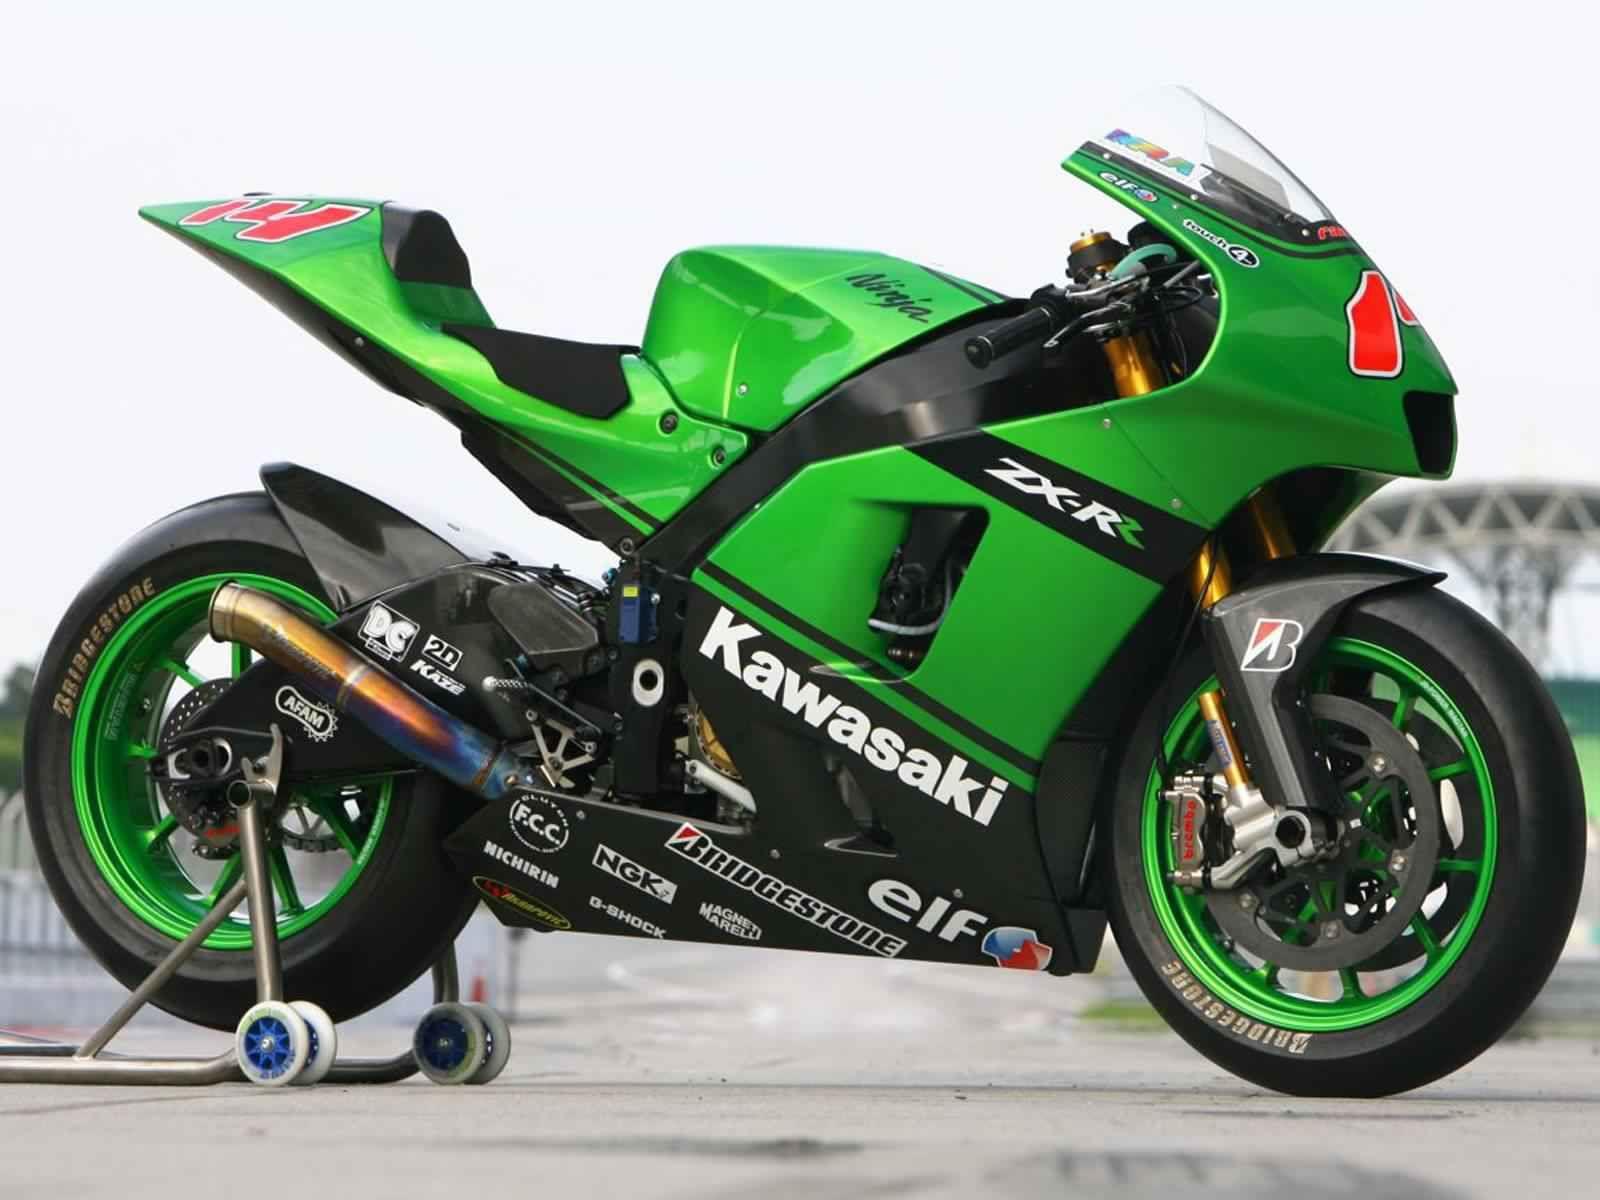 Kawasaki Zx Rr Motogp Bike Hot Rides Kawasaki Motorcycles